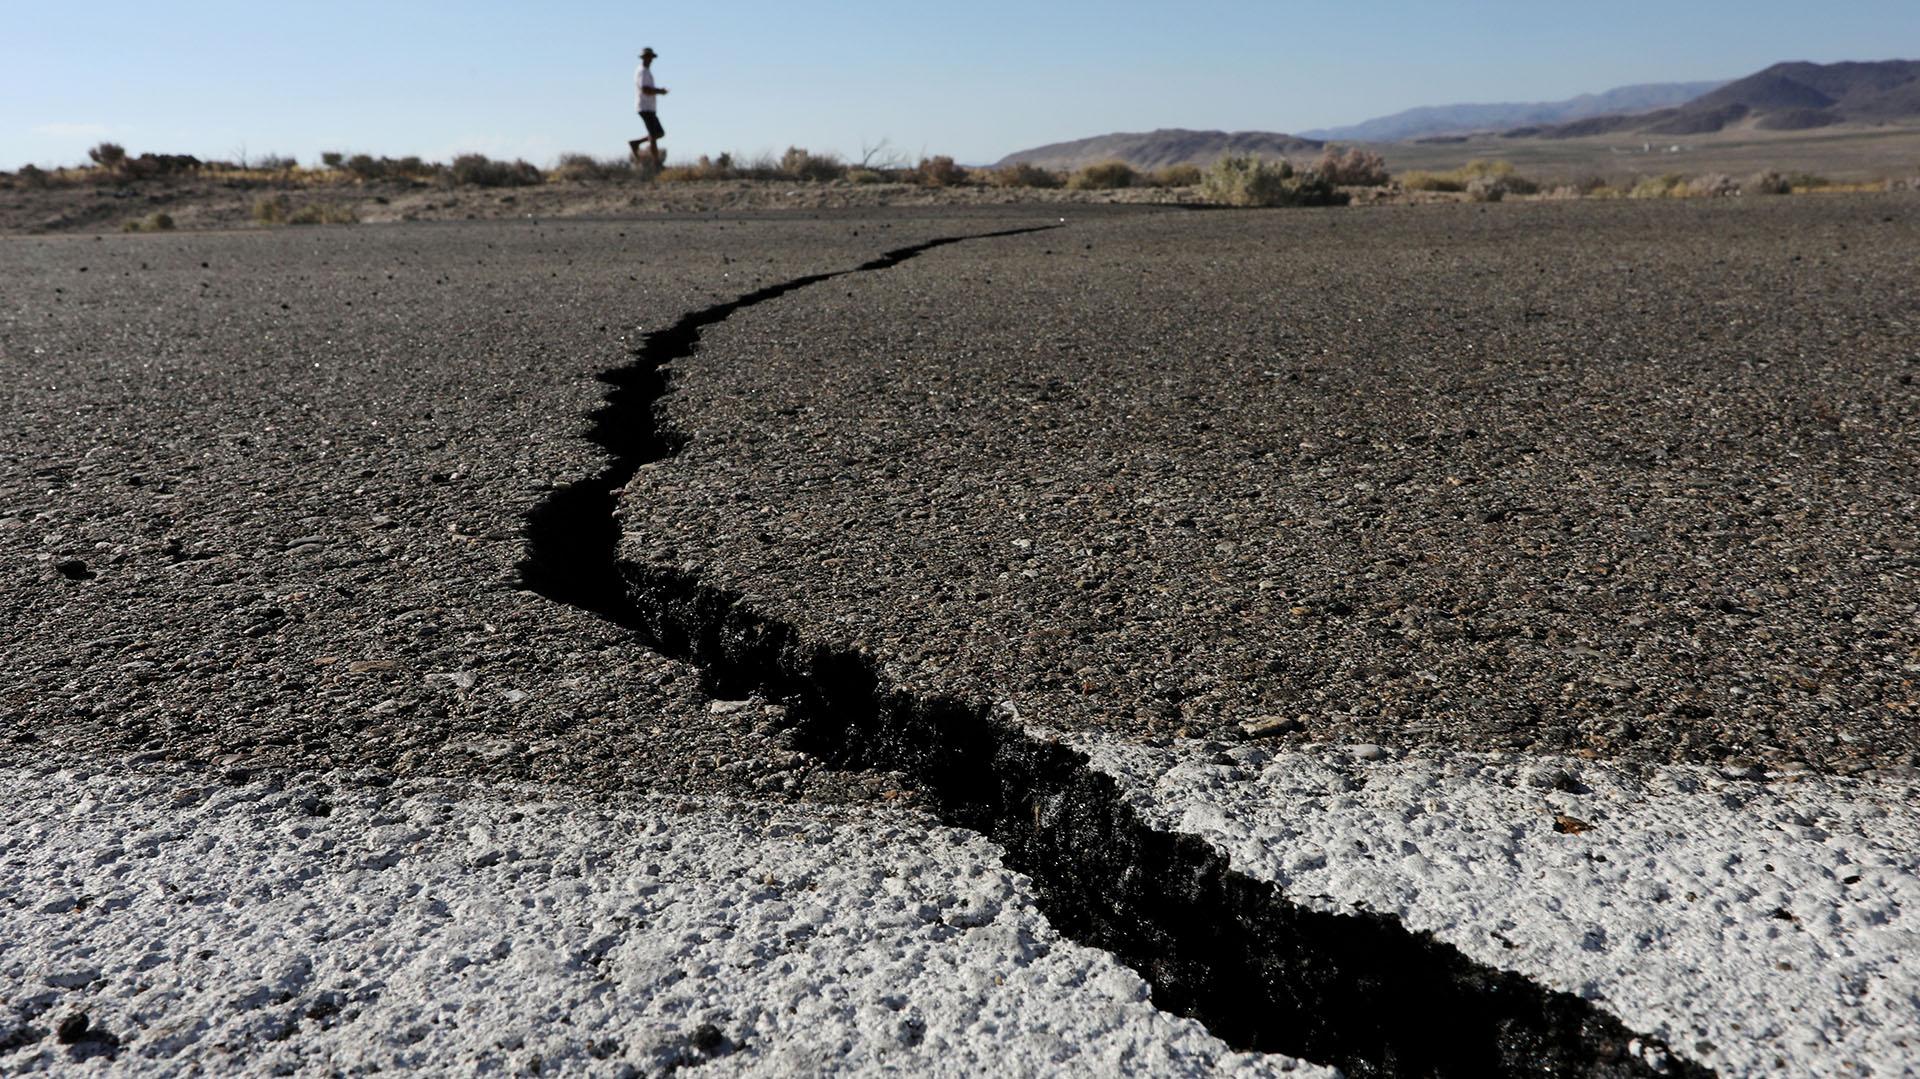 Los sismos fueron fuertes y generaron pánico (REUTERS/David McNew TPX IMAGES OF THE DAY)